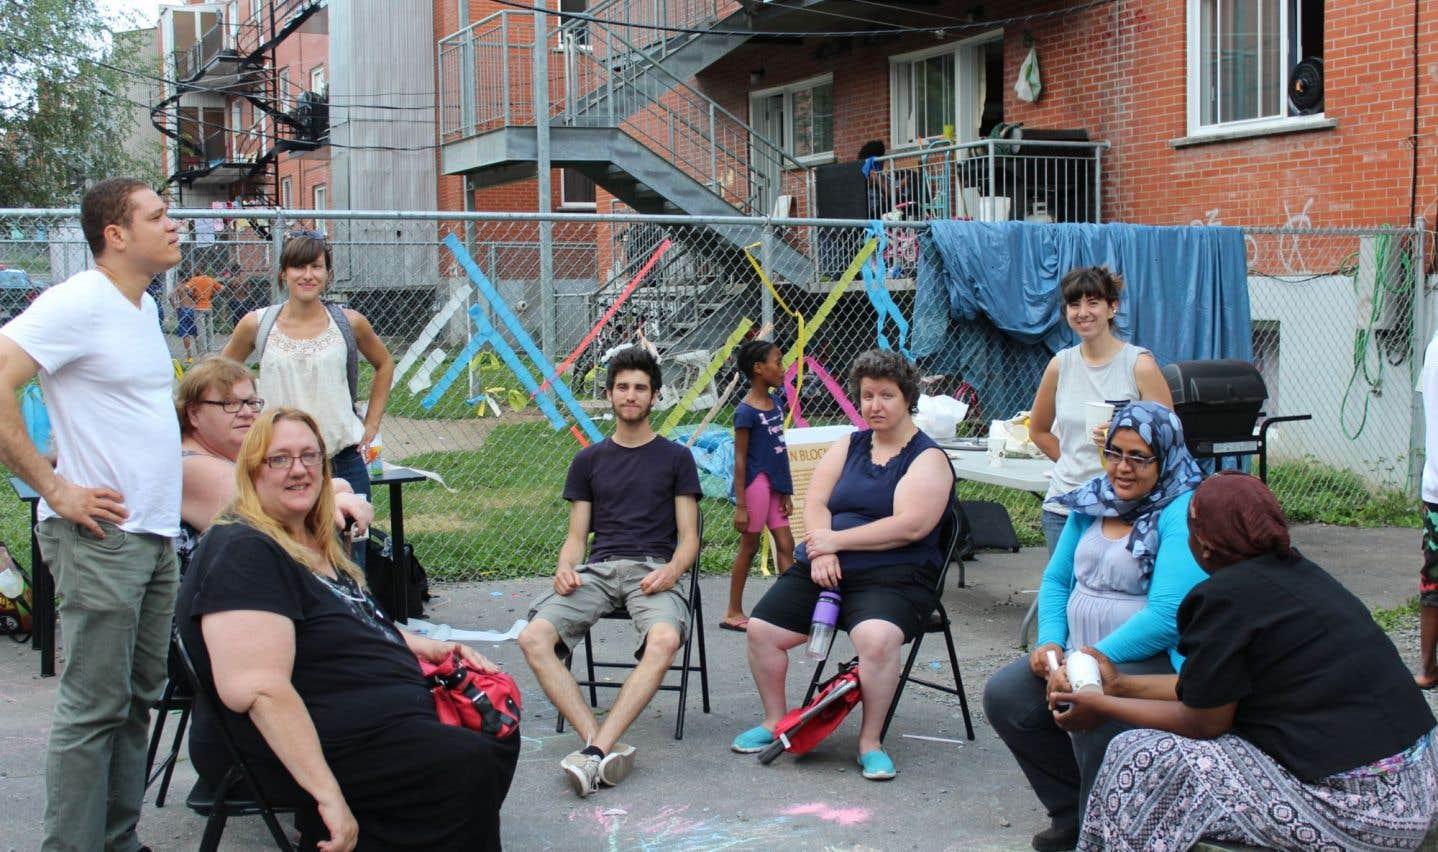 Parole d'excluEs réalise ses interventions dans Hochelaga-Maisonneuve, autour de l'ancienne biscuiterie Viau ainsi que dans Montréal-Nord, autour de l'îlot Pelletier et du secteur Nord-Est.